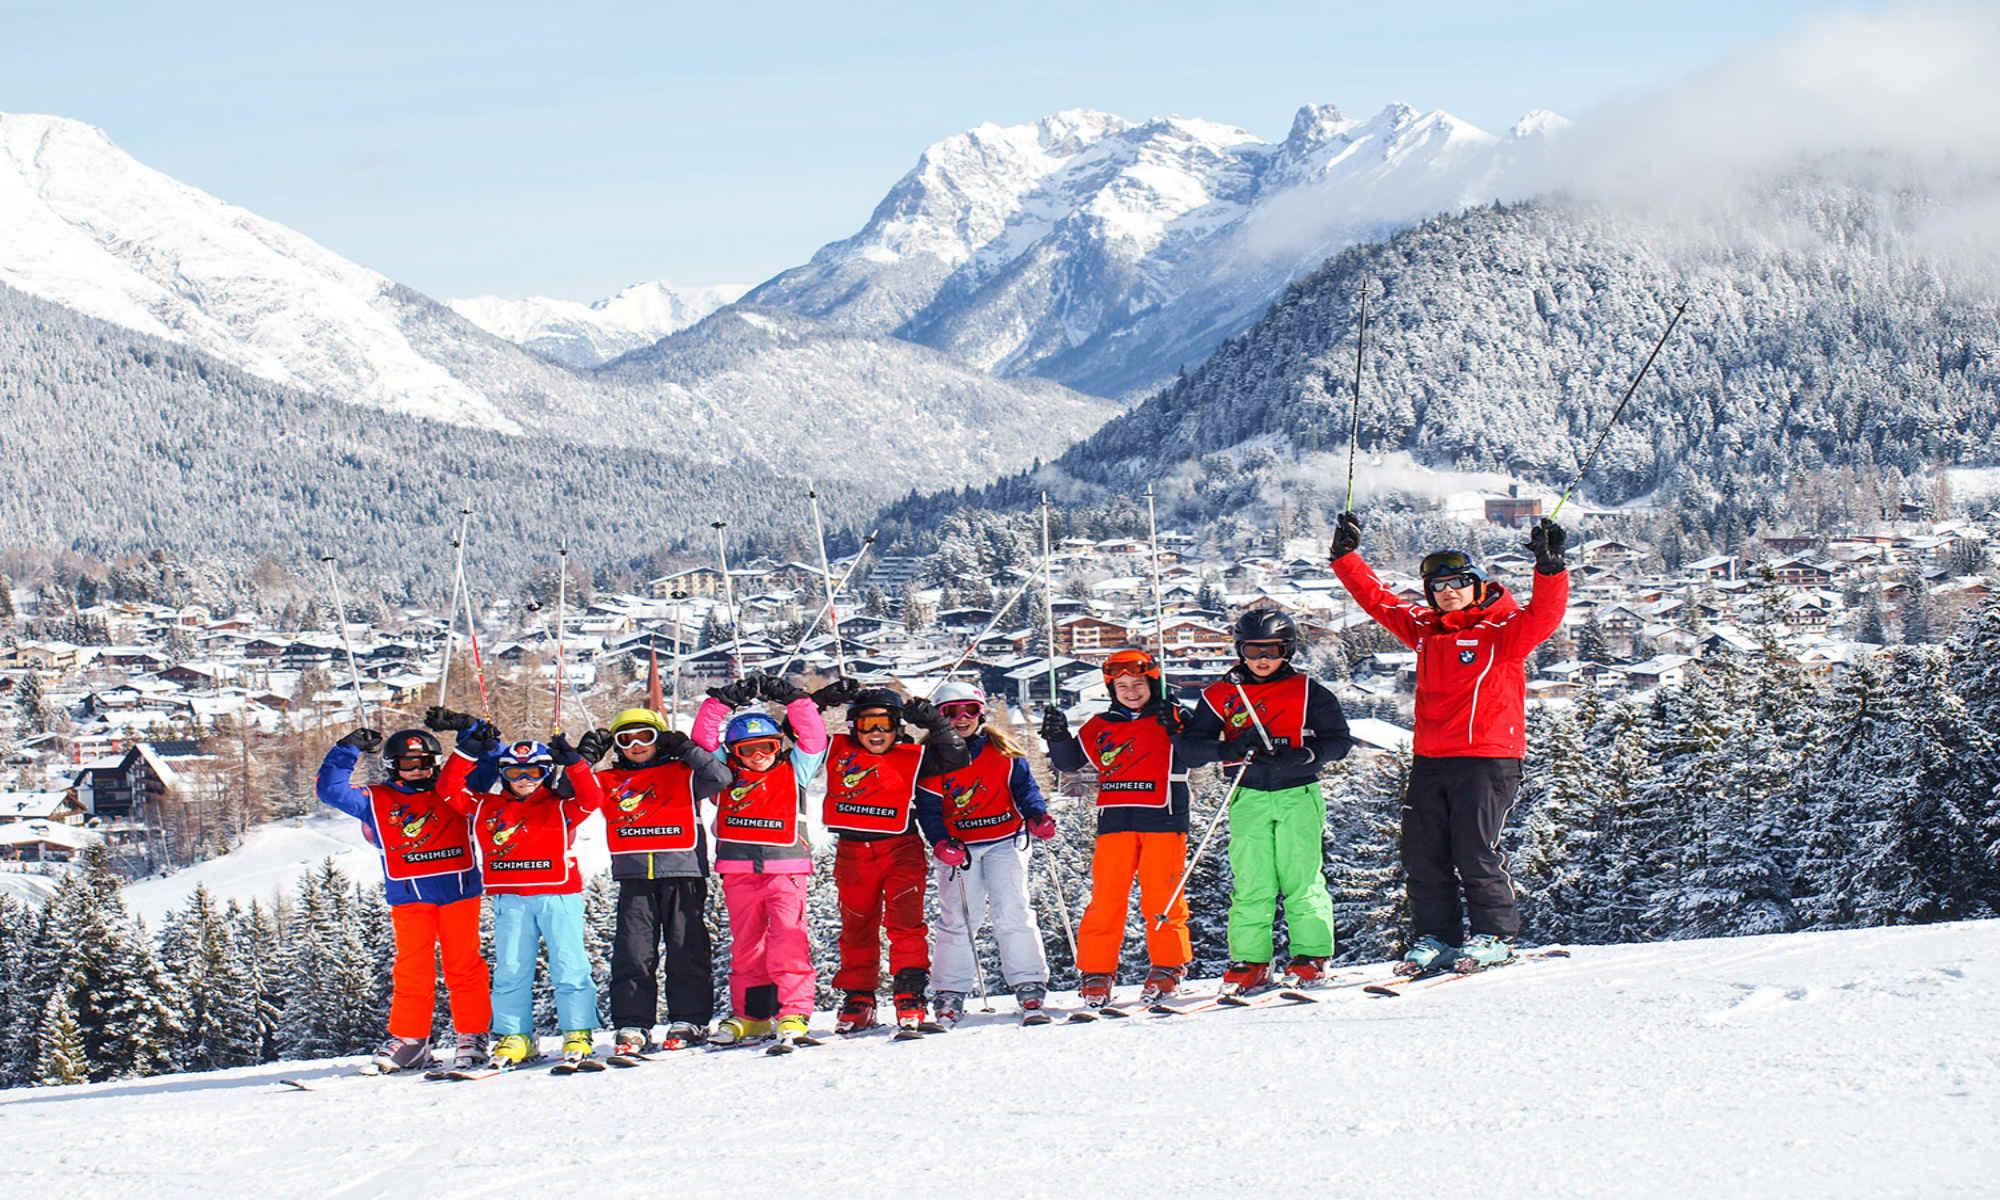 Een skileraar en zijn leerlingen poseren voor een foto in het skigebied van Seefeld.